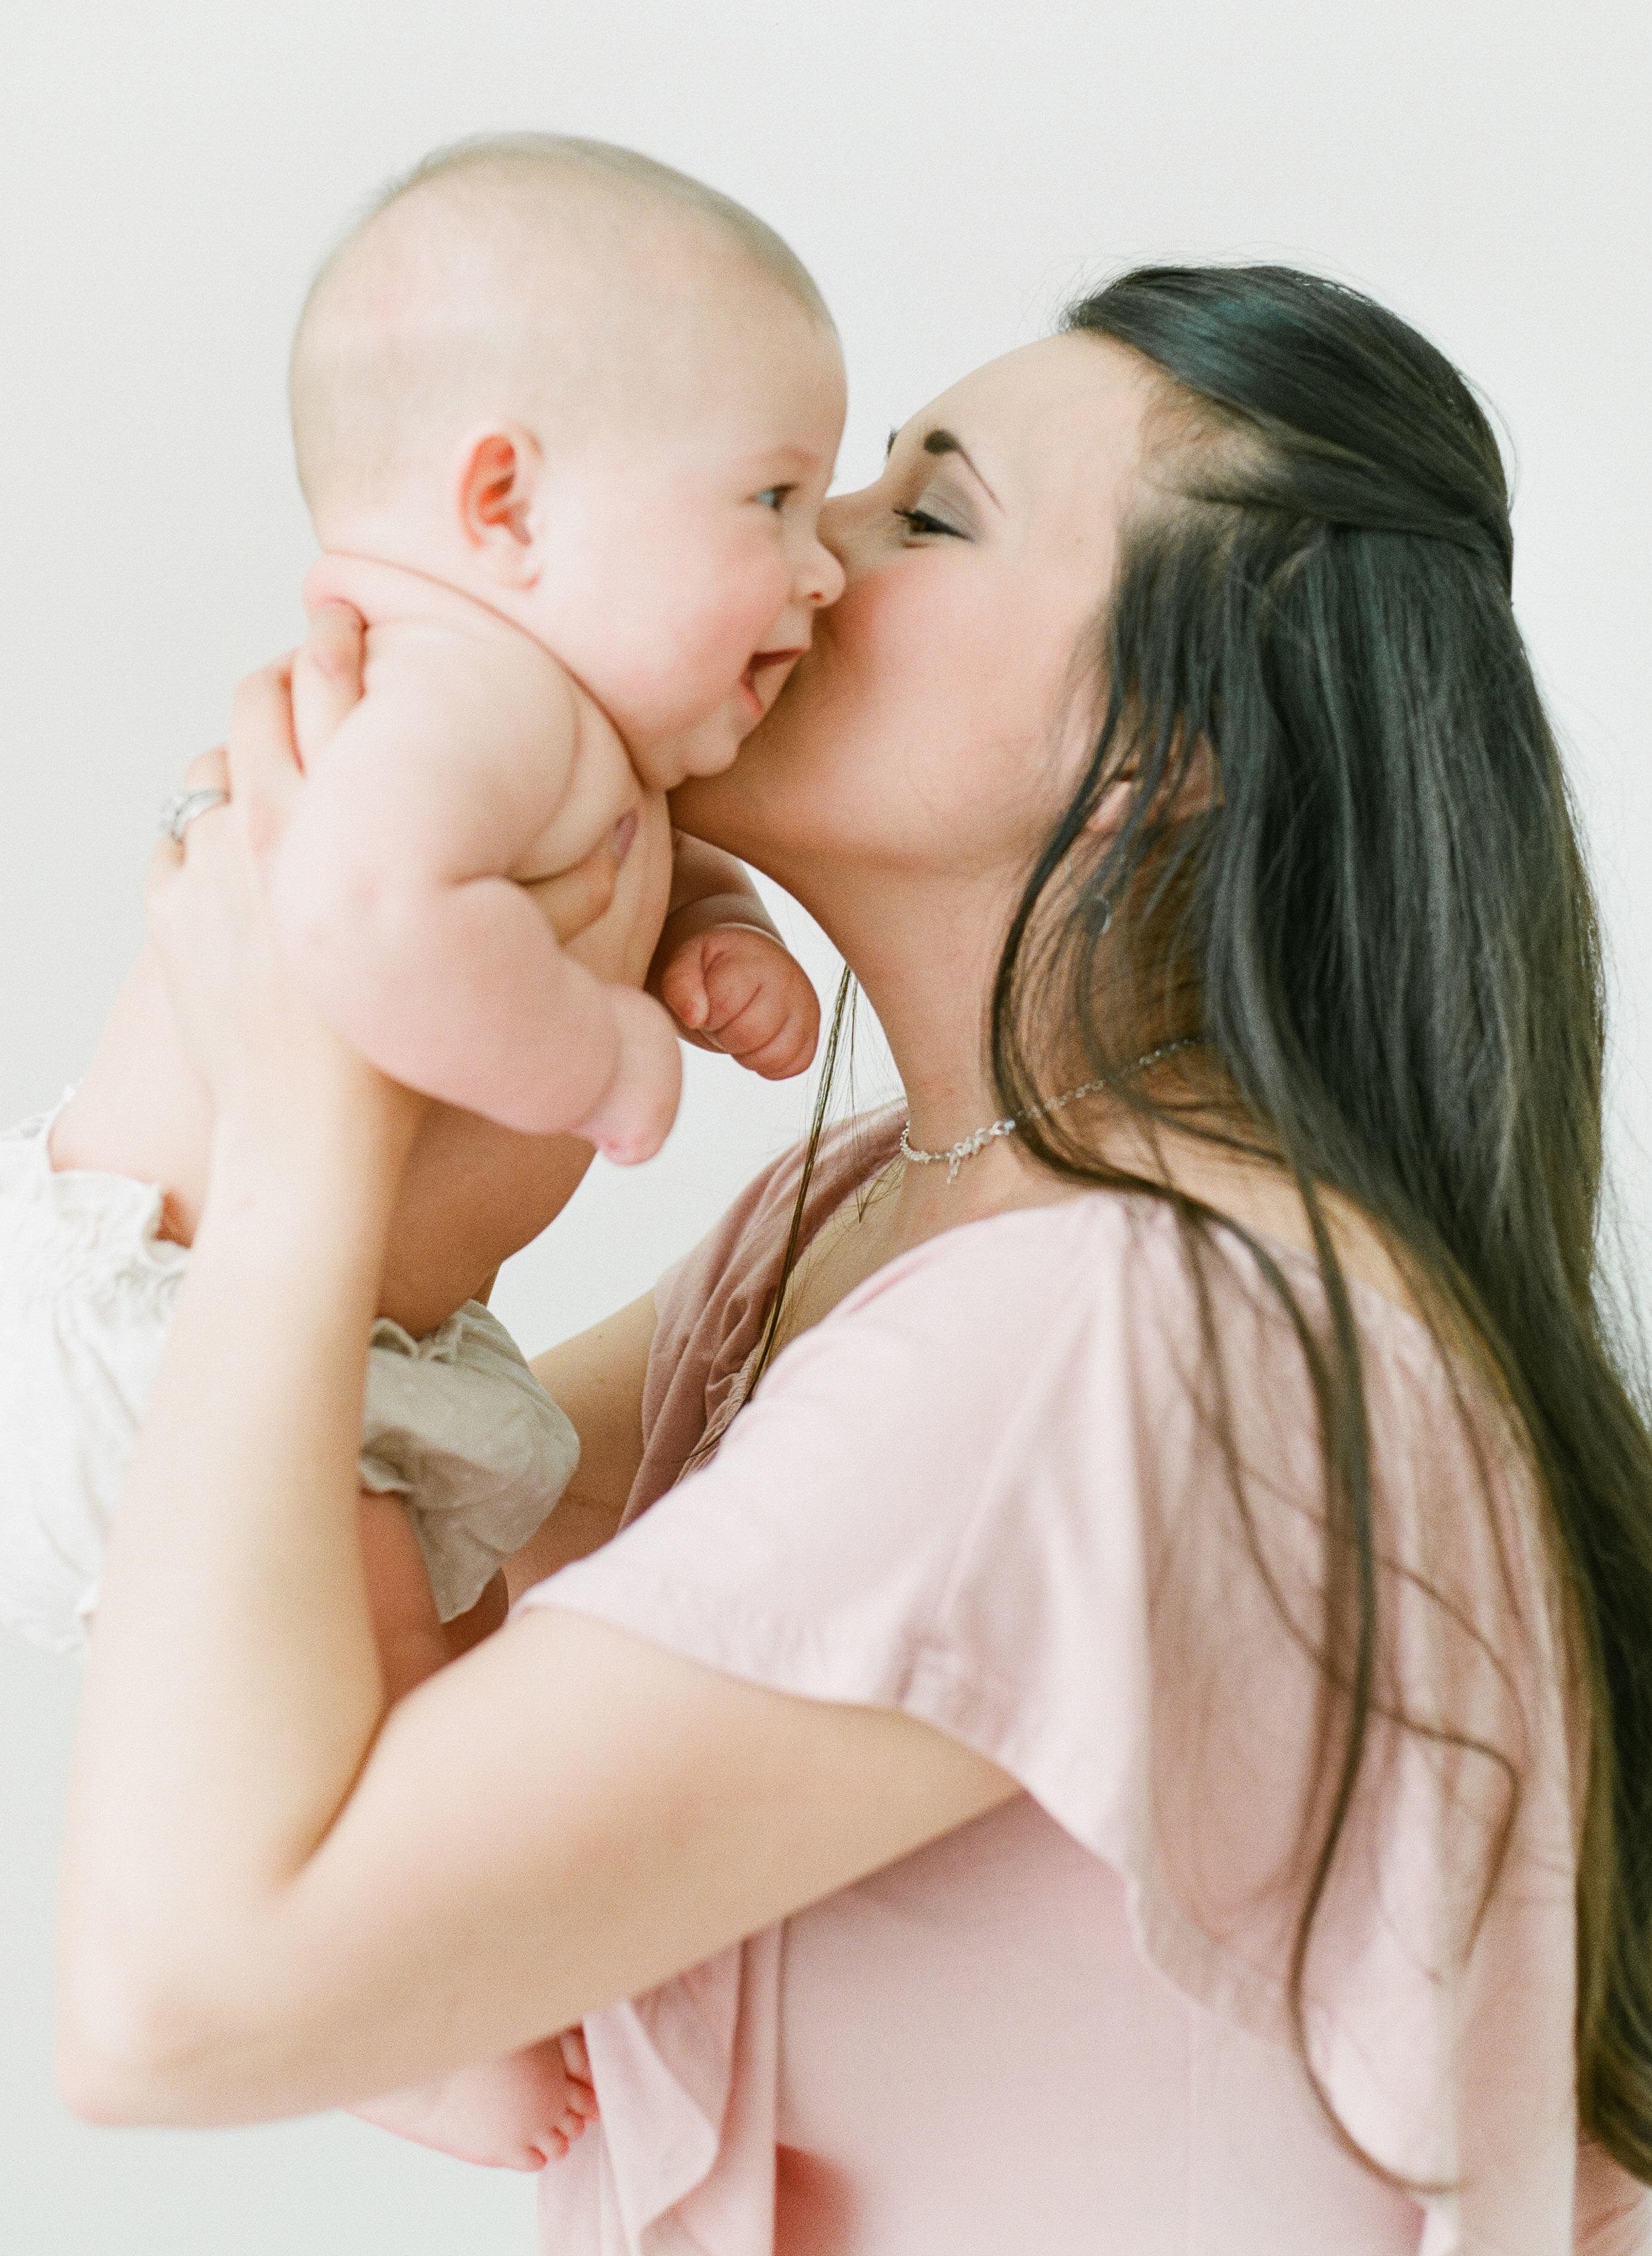 raleigh-baby-photographer-studio-newborns-children-photography